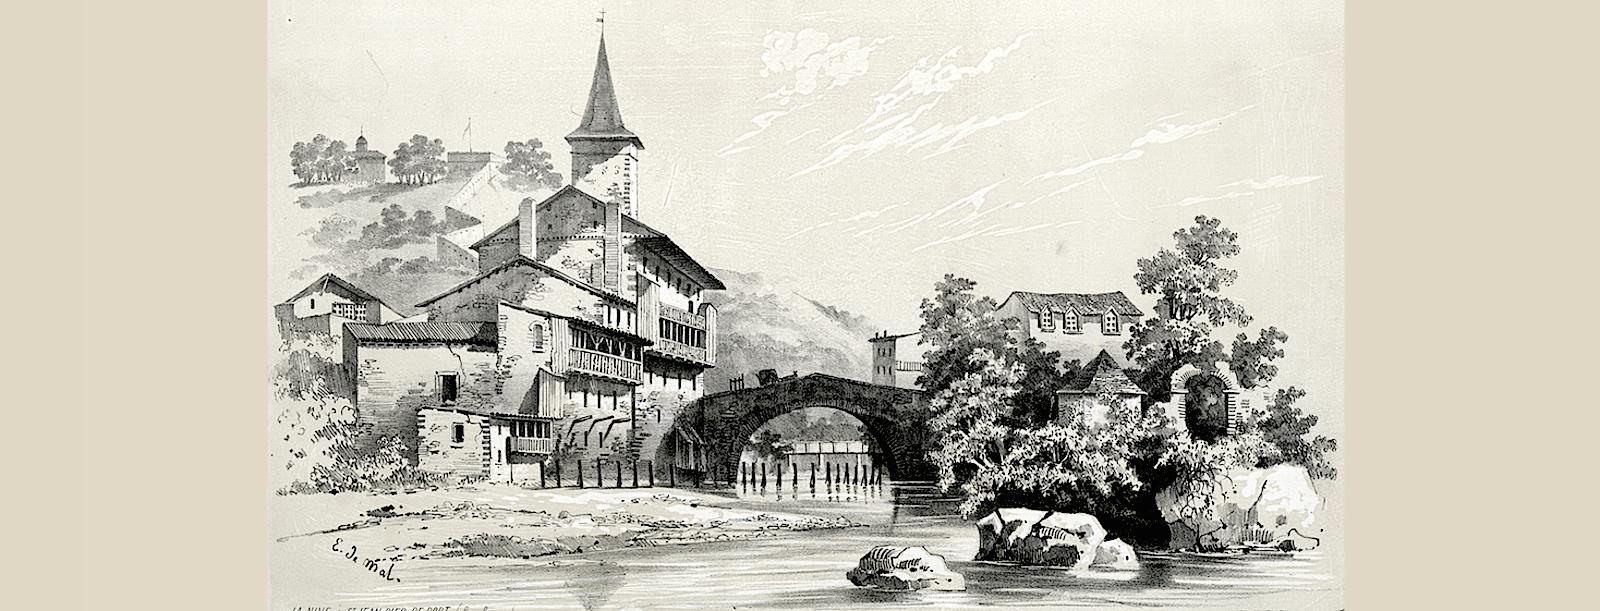 В центре города на реке Нив, 1843 год. Картина Эжена де Мальбоса.